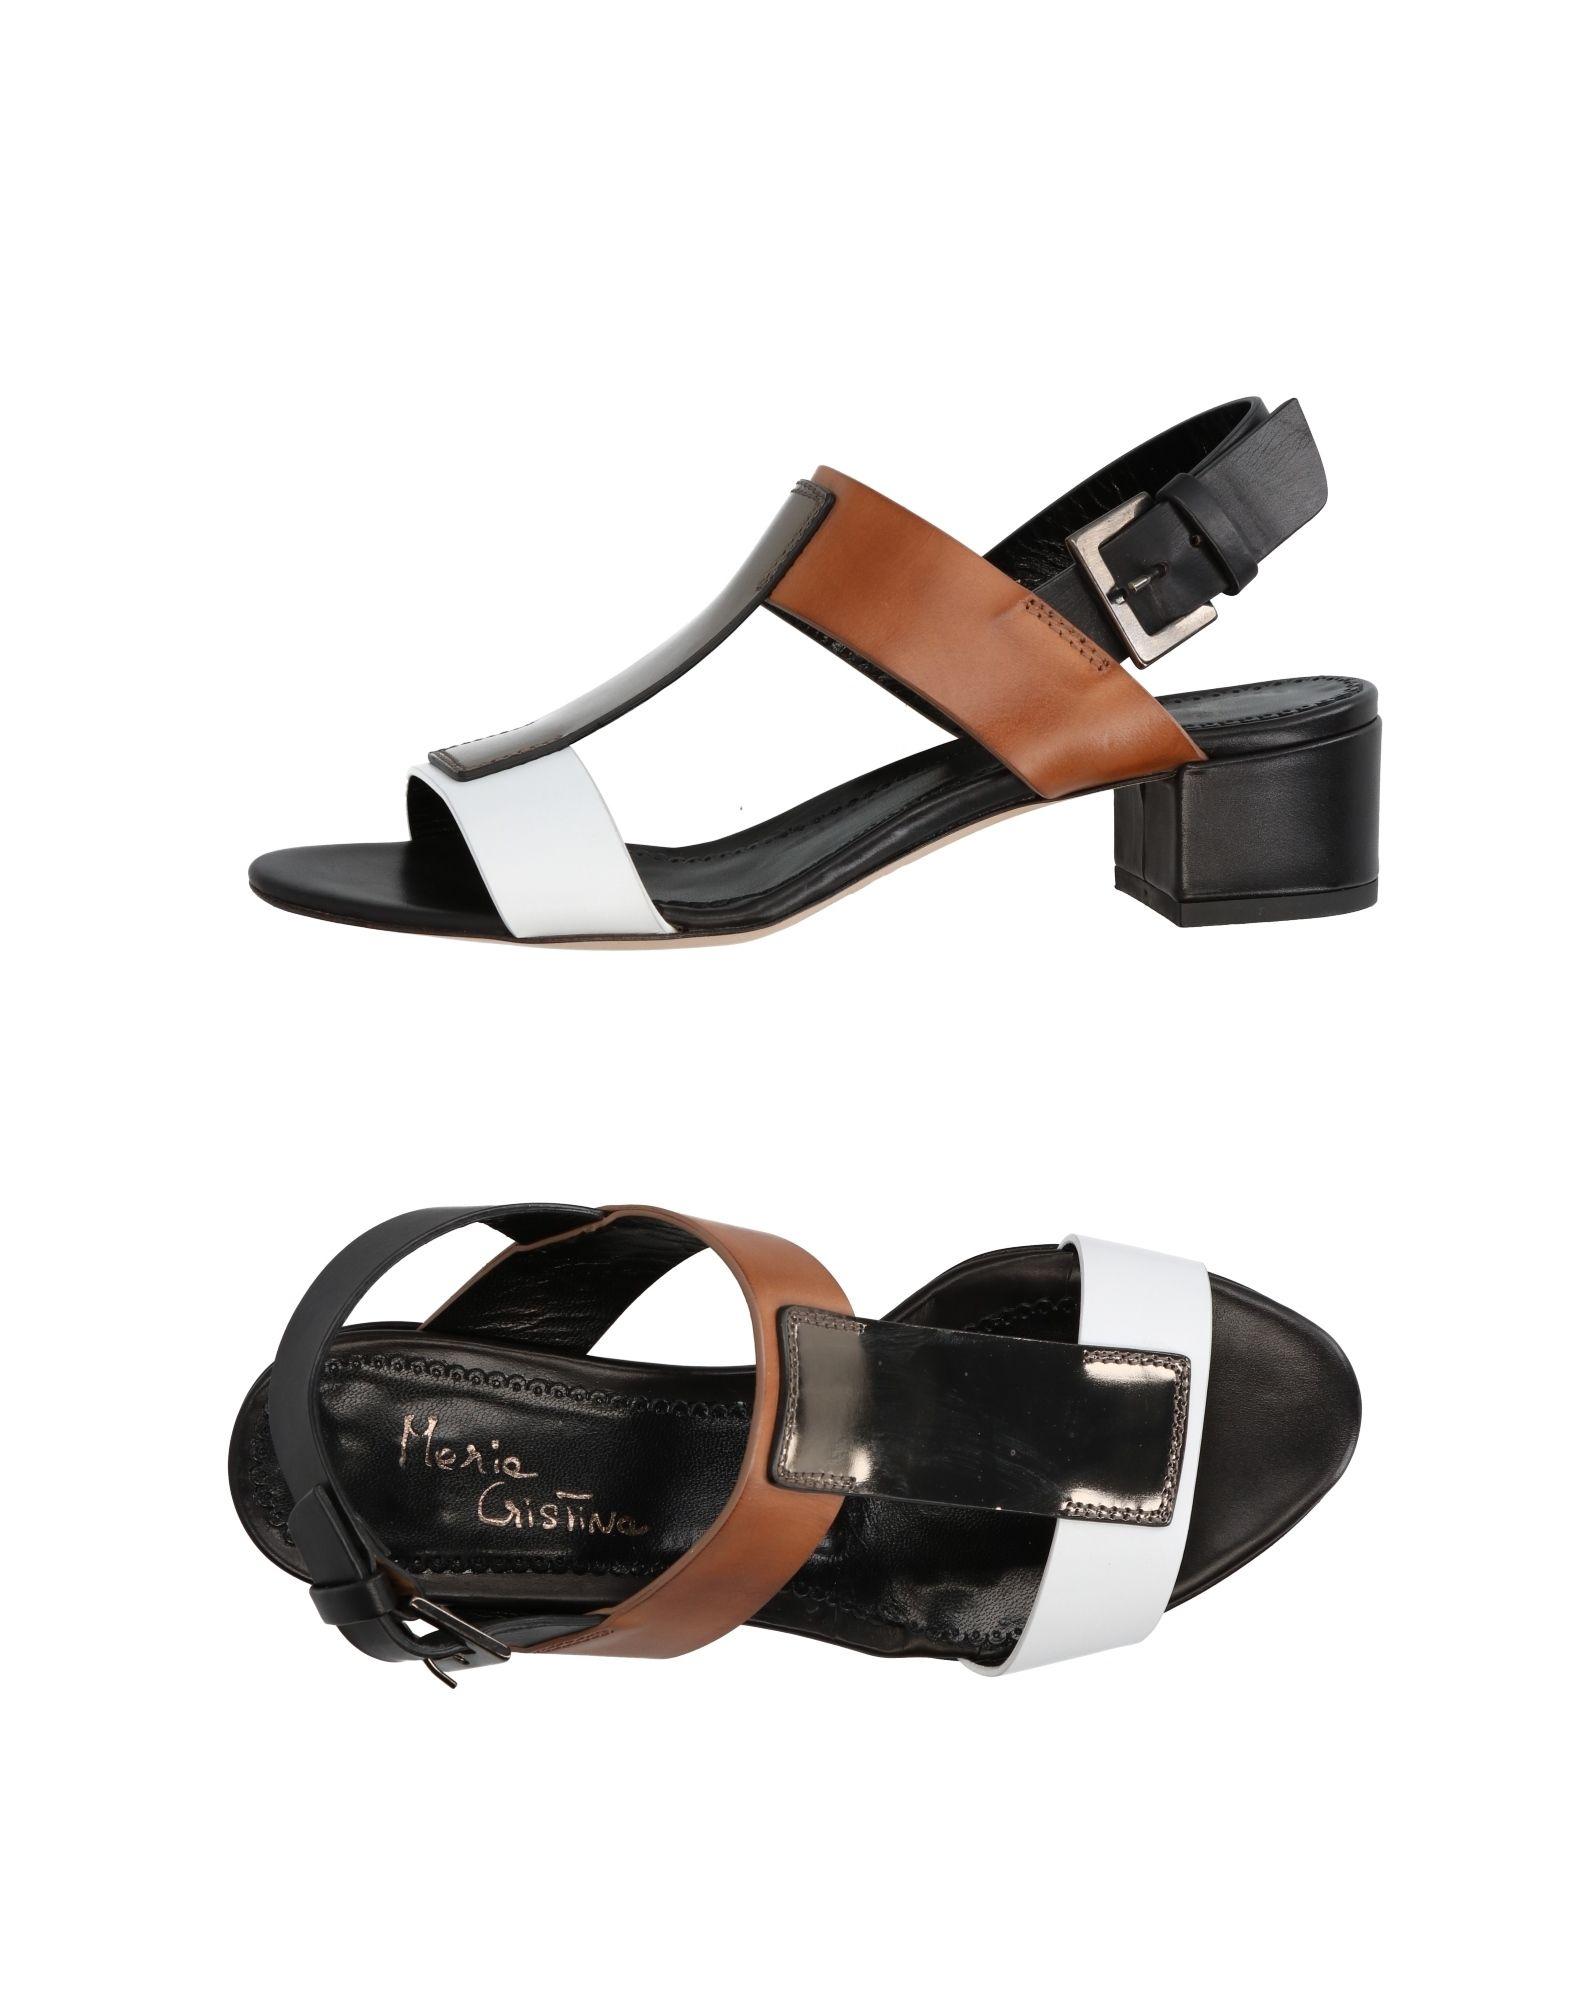 Gut tragenMaria um billige Schuhe zu tragenMaria Gut Cristina Sandalen Damen  11287339DA a1d4e6